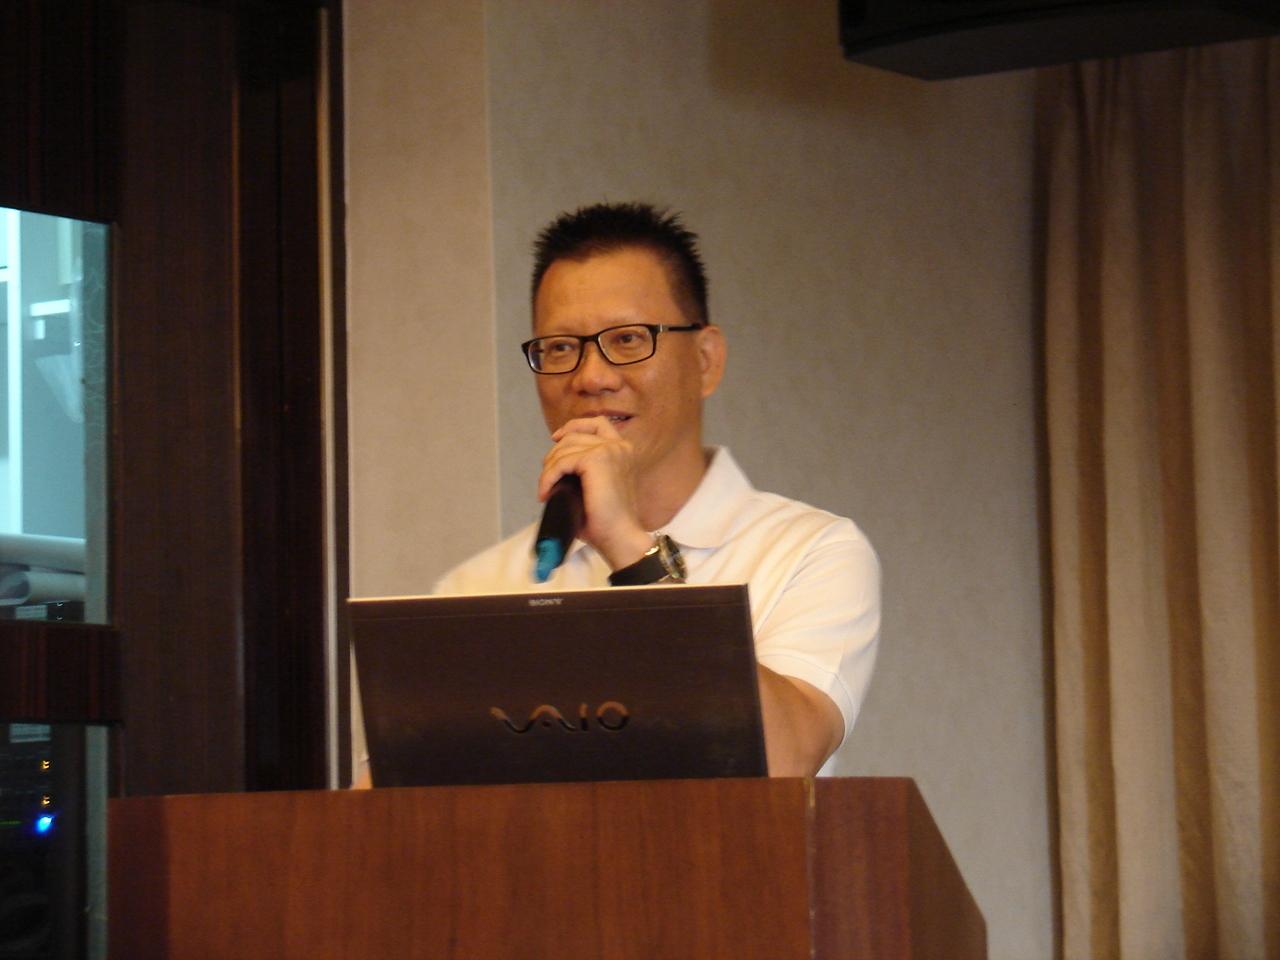 首華皮件今年營收6400萬,EPS 4.5元,預定明年上興櫃、2015年掛牌,圖為董事長特助何竑億。(記者Jimi Lio攝影)